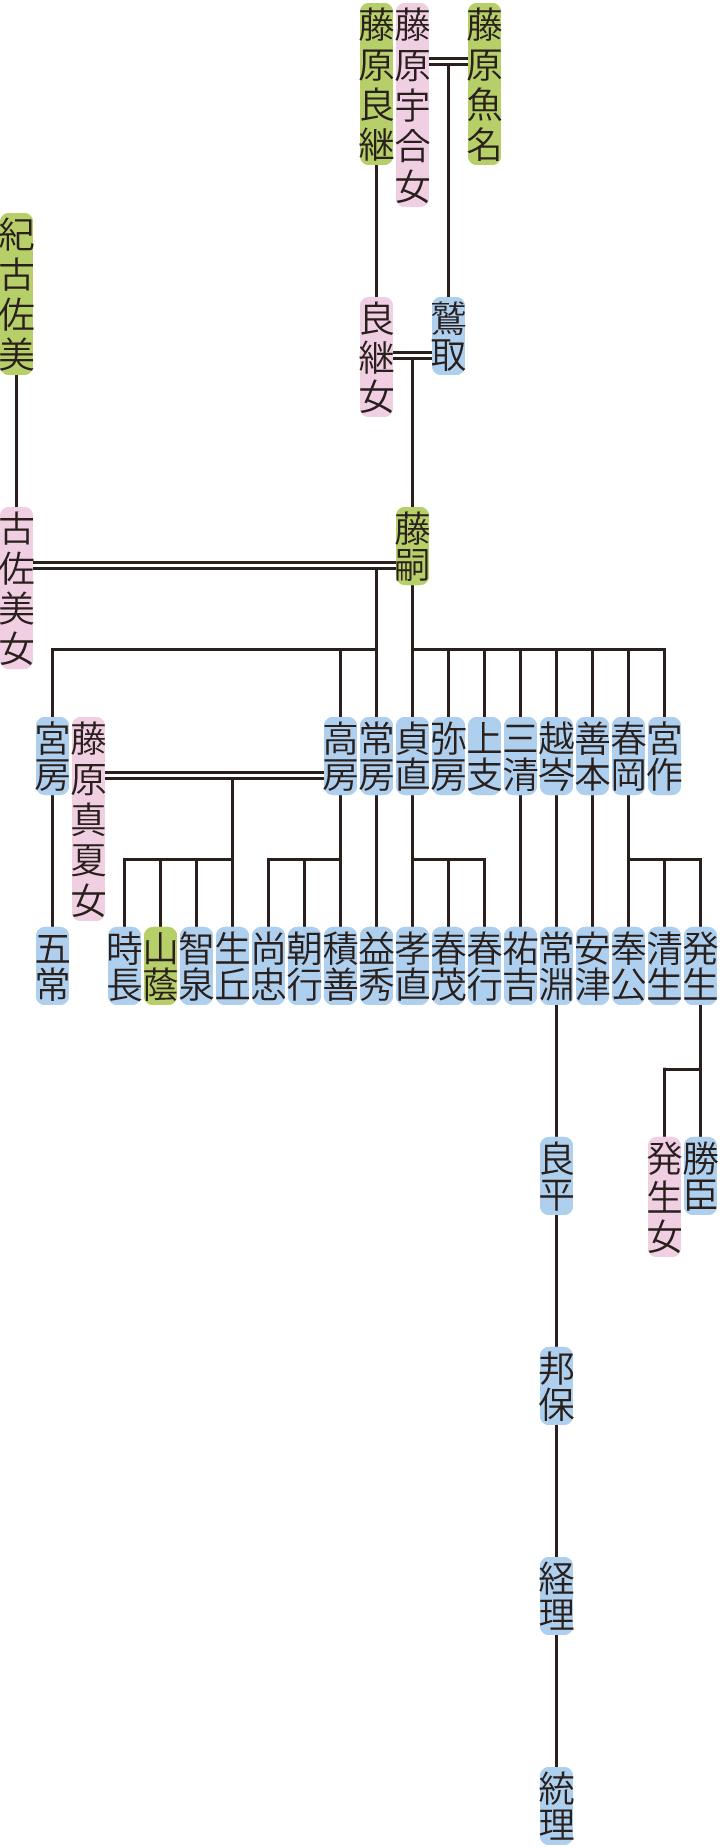 藤原藤嗣の系図